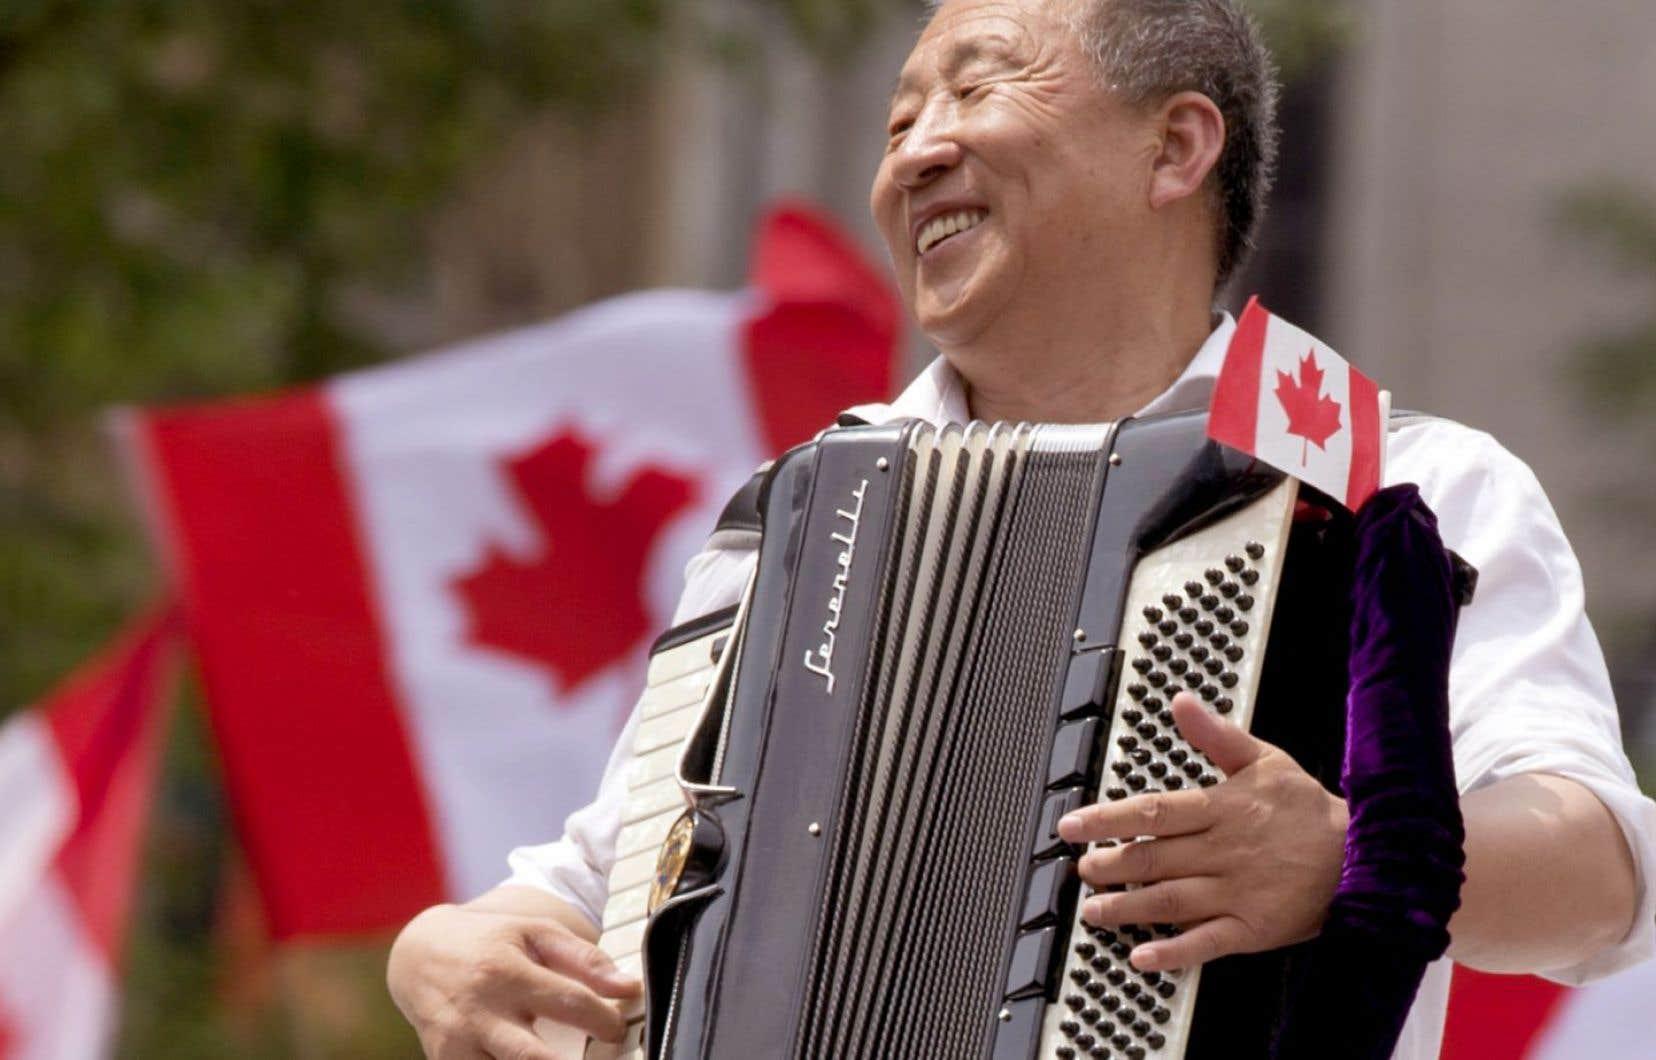 <p>À peu près partout, le Canada est reconnu comme une nation au singulier, remarque l'auteur.</p>